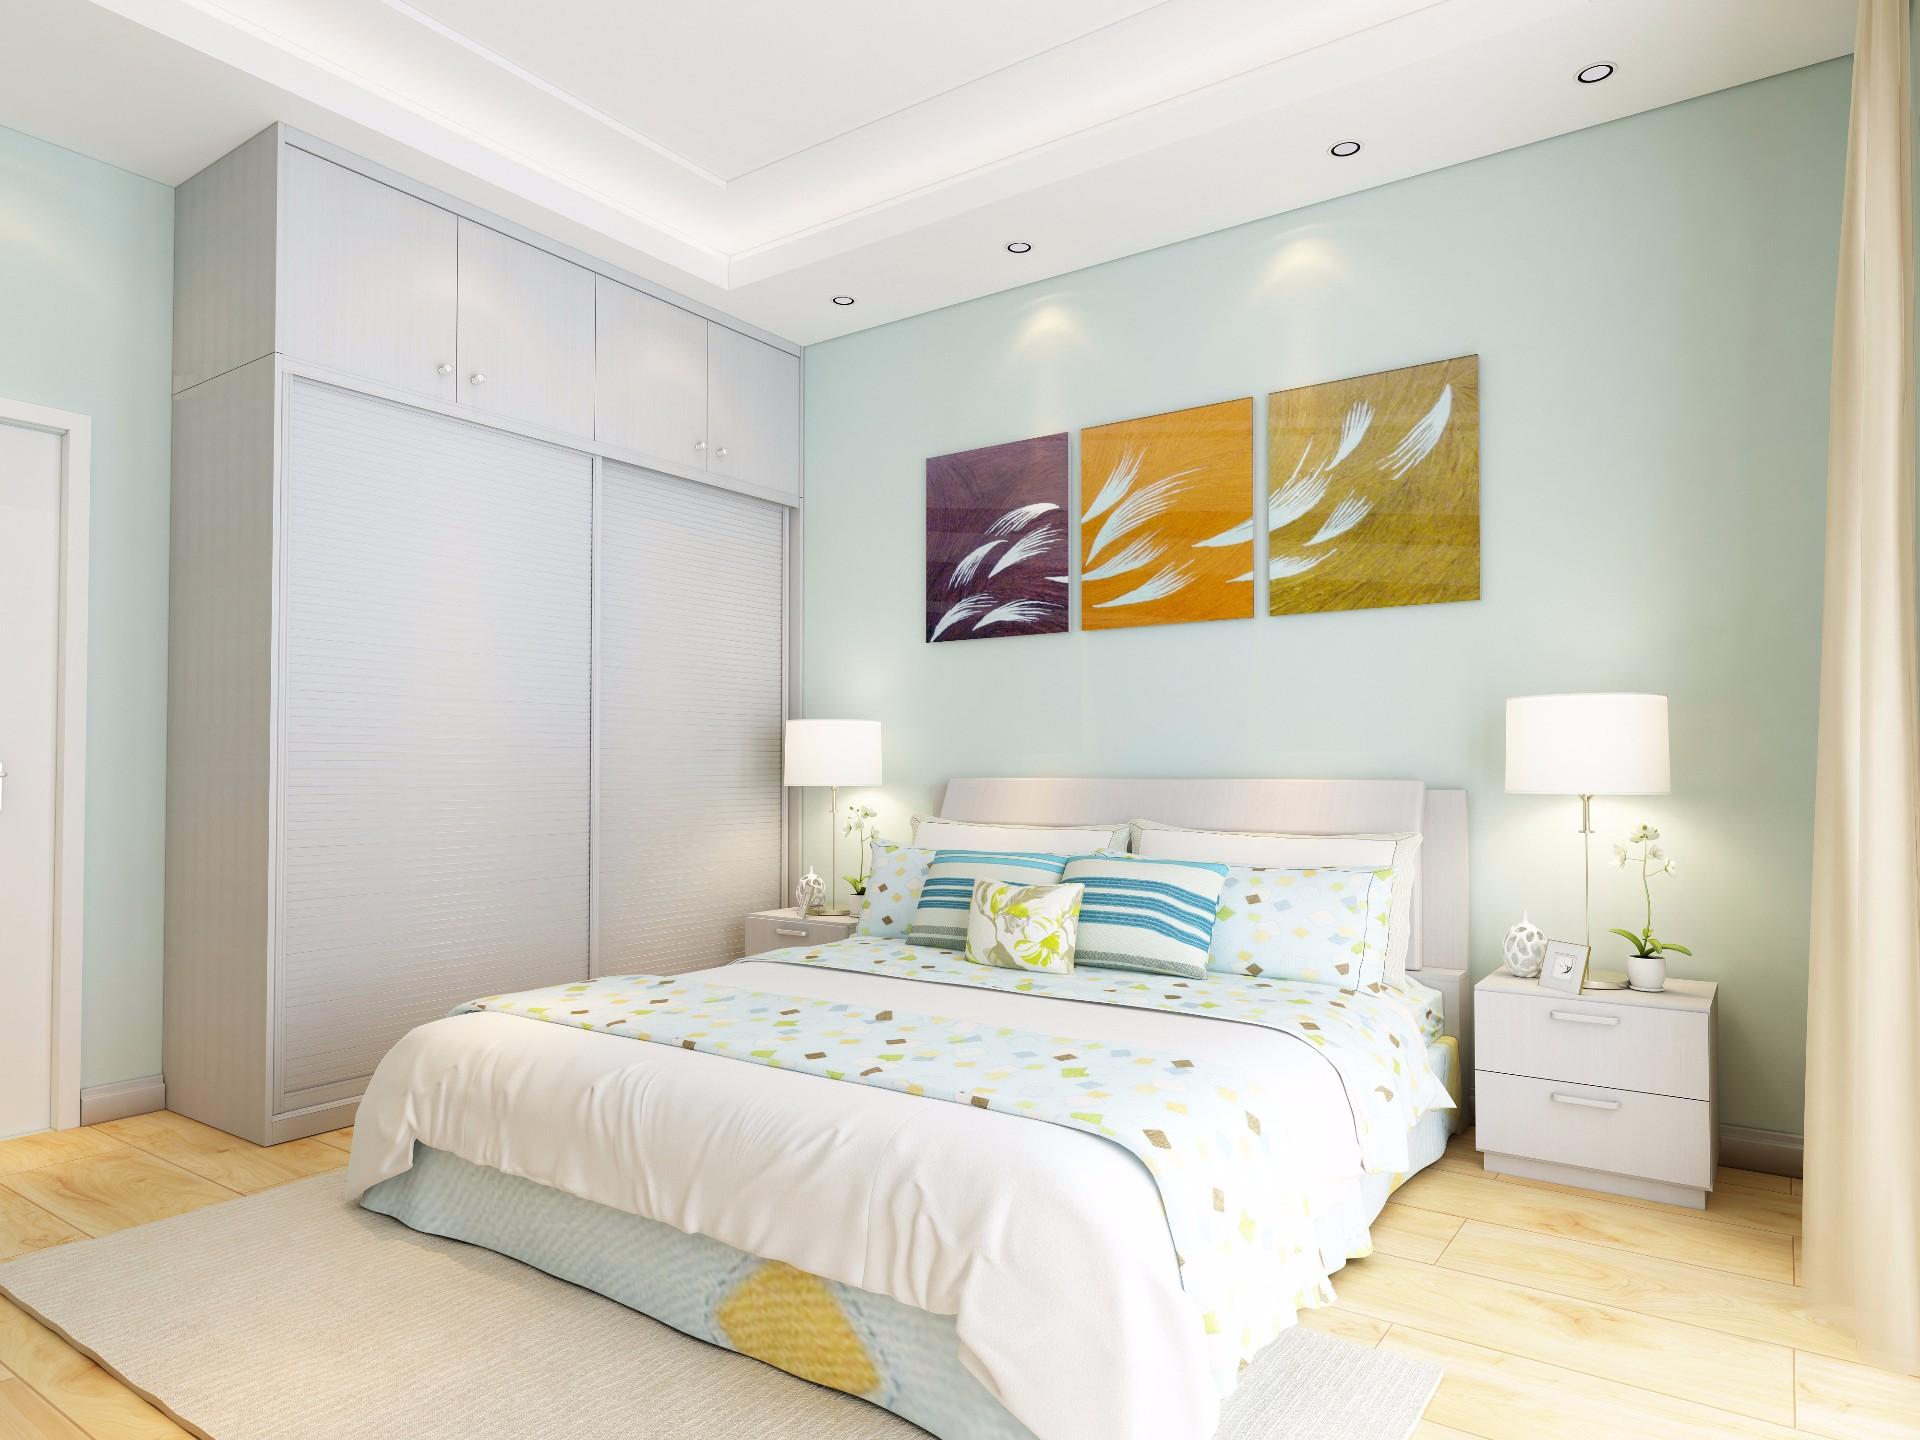 床+床头柜—暖白